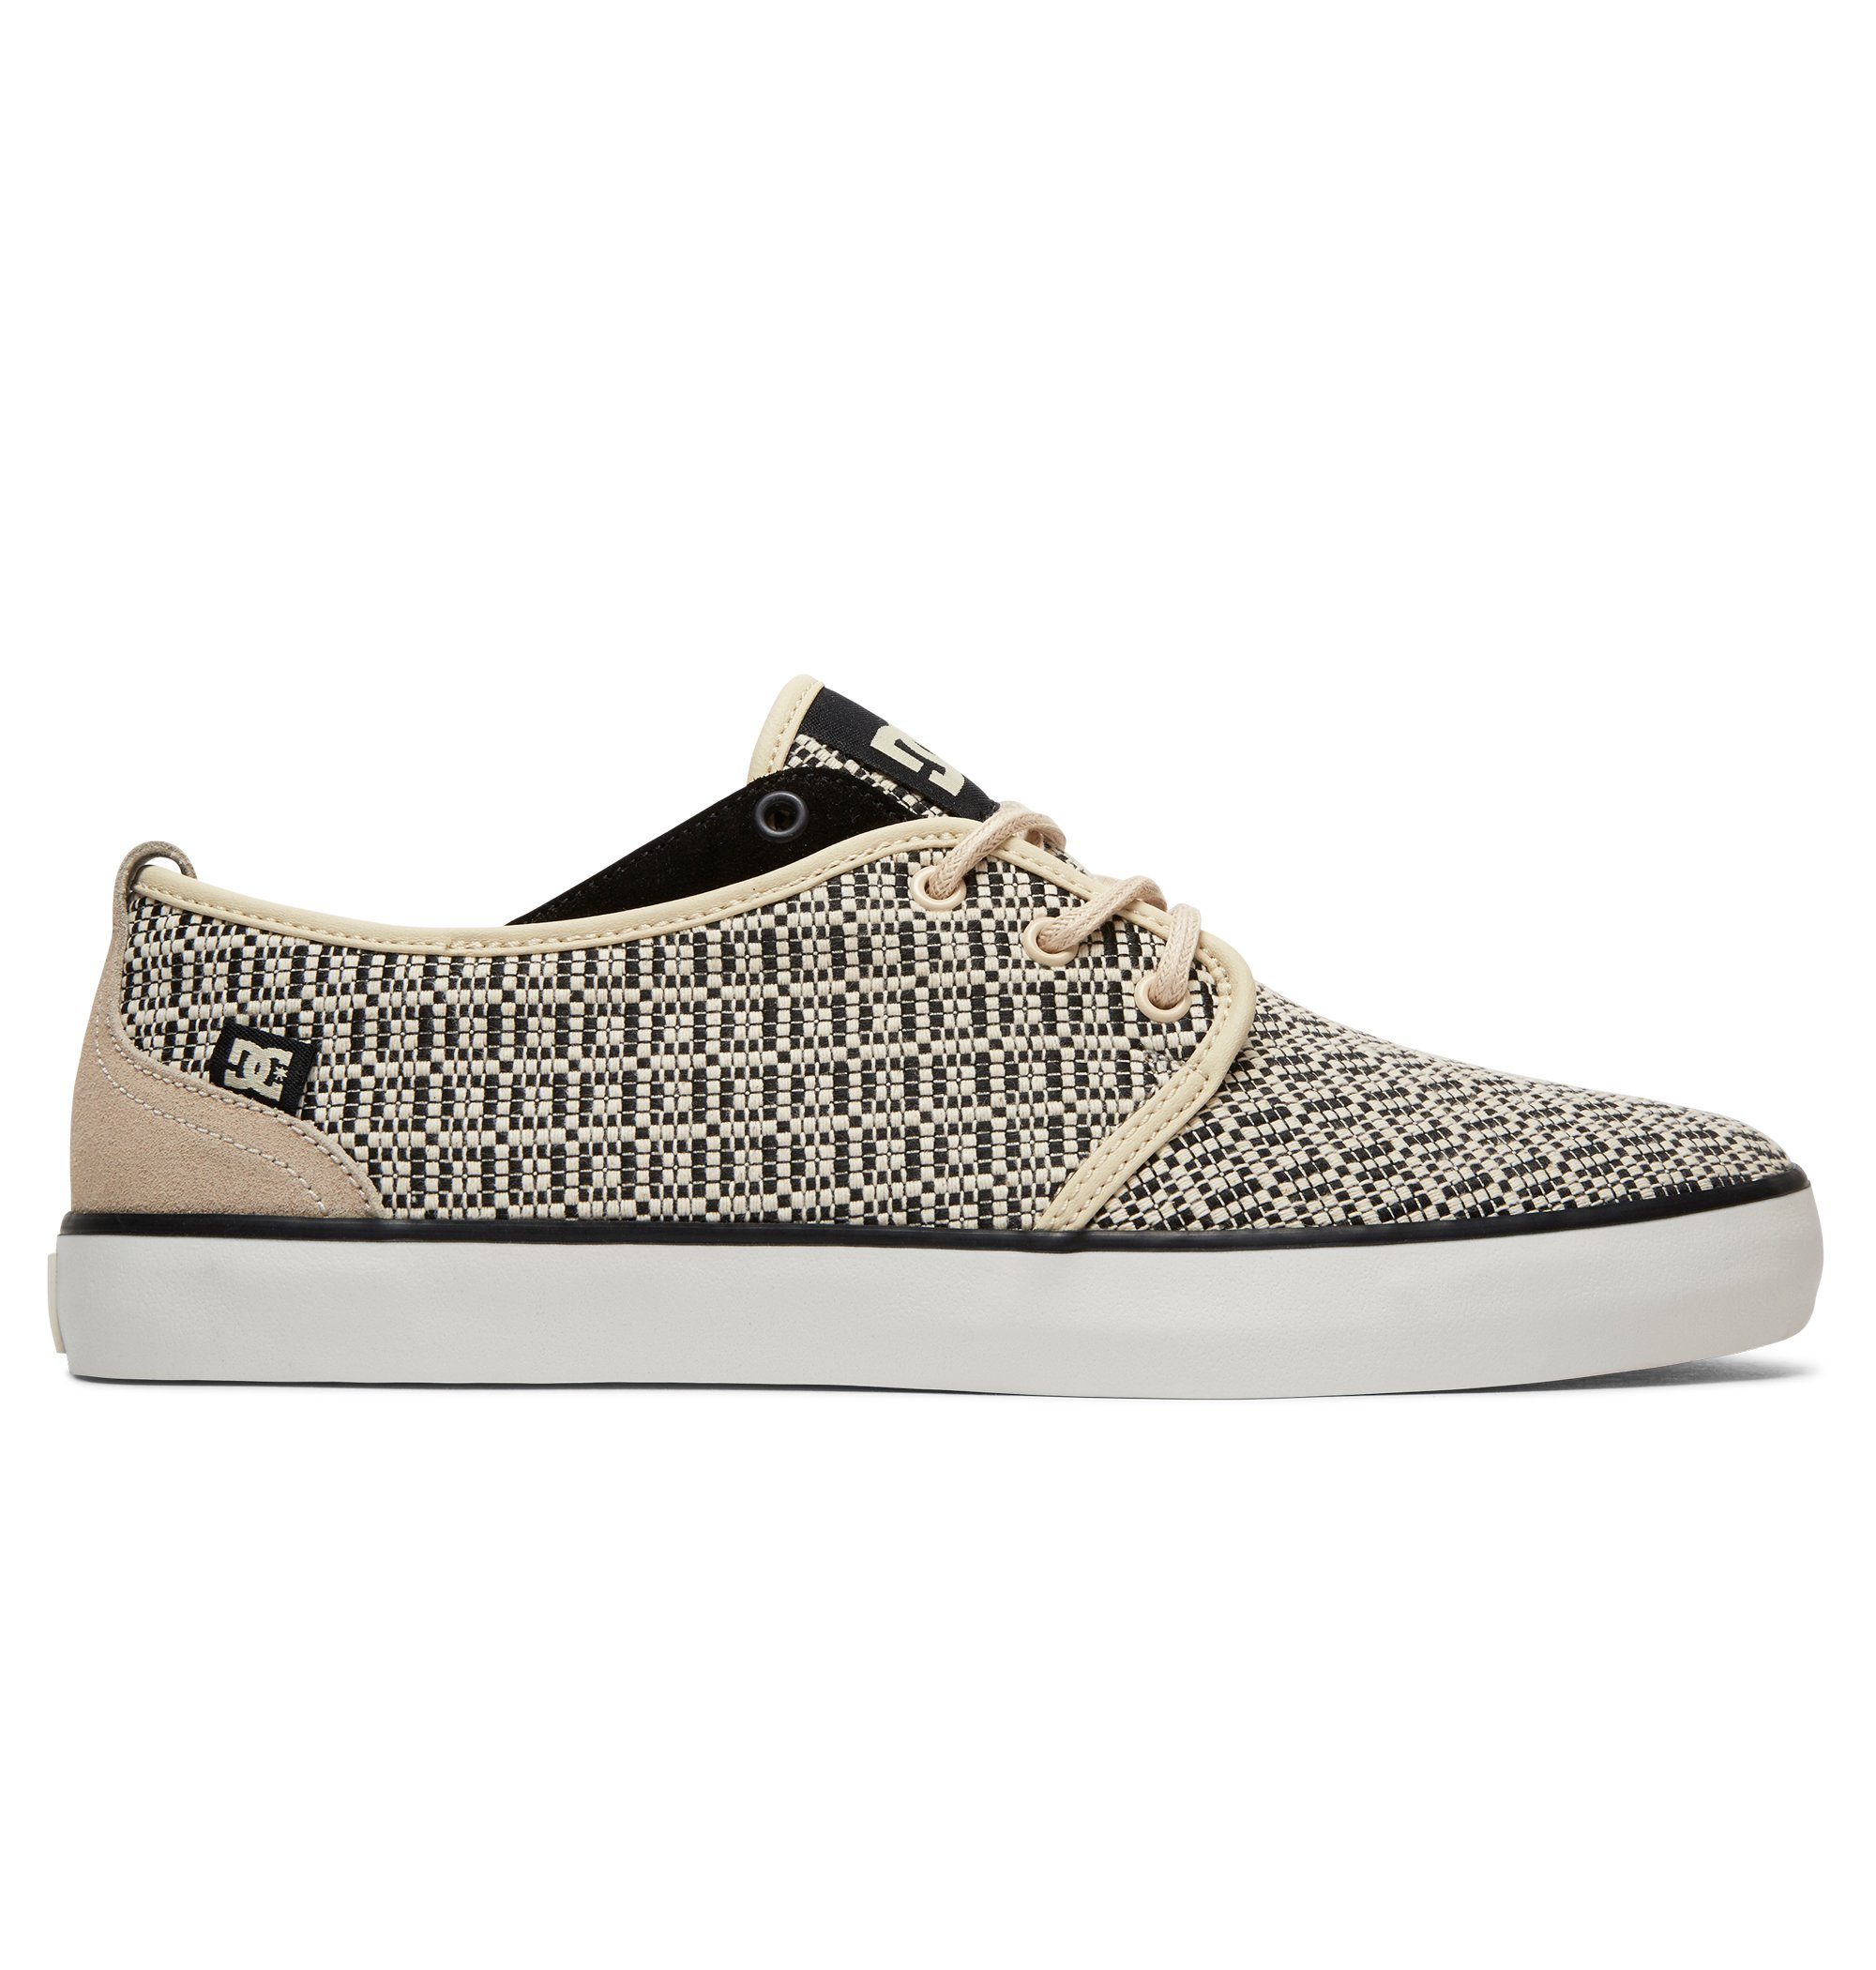 DC Shoes Schuhe Studio 2 TX LE online kaufen  Sand